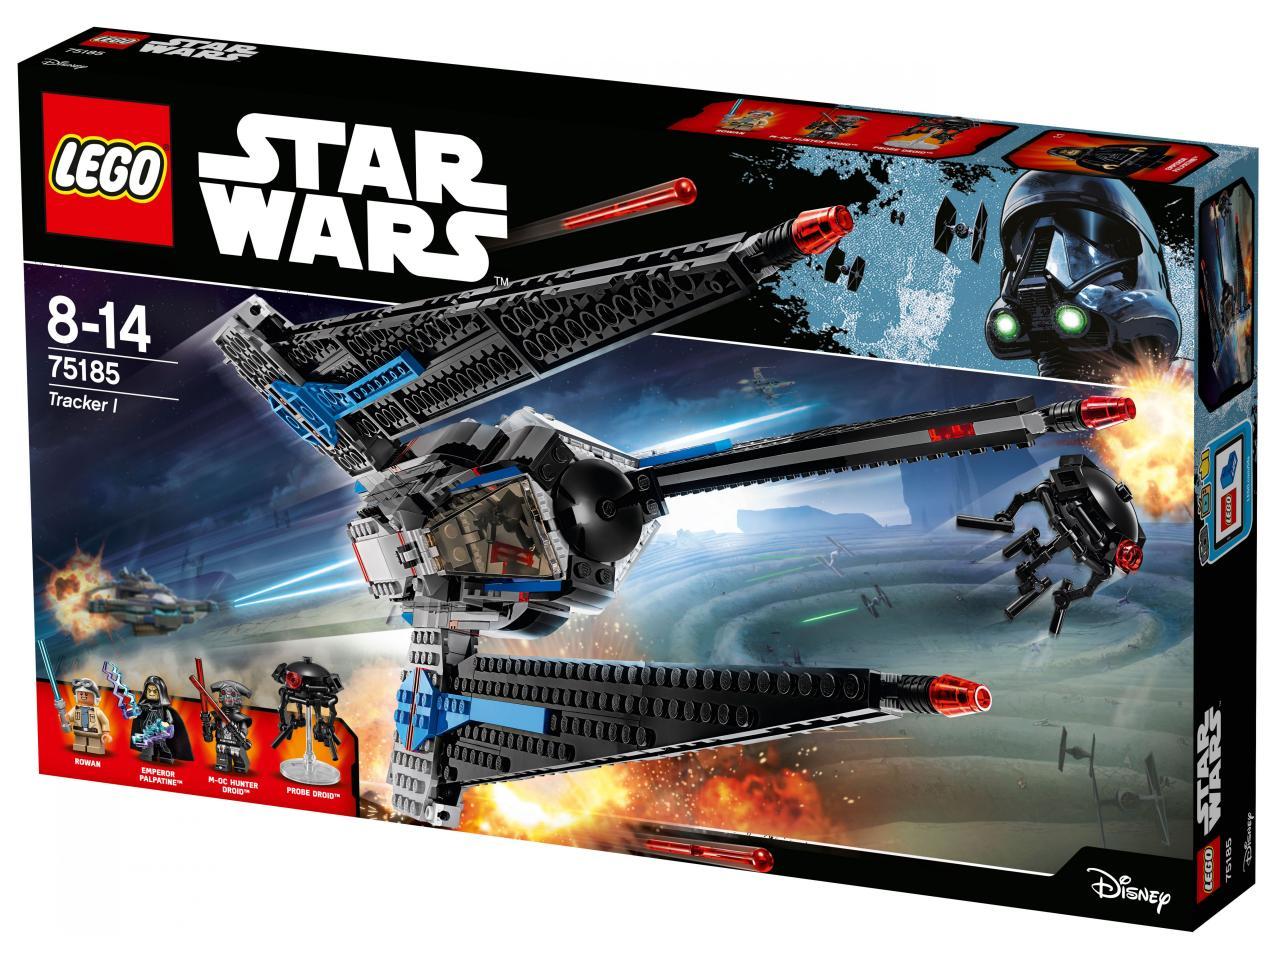 Купить Конструктор LEGO 75185 Star Wars Исследователь I, пластик, Для мальчиков и девочек, Дания, Конструкторы